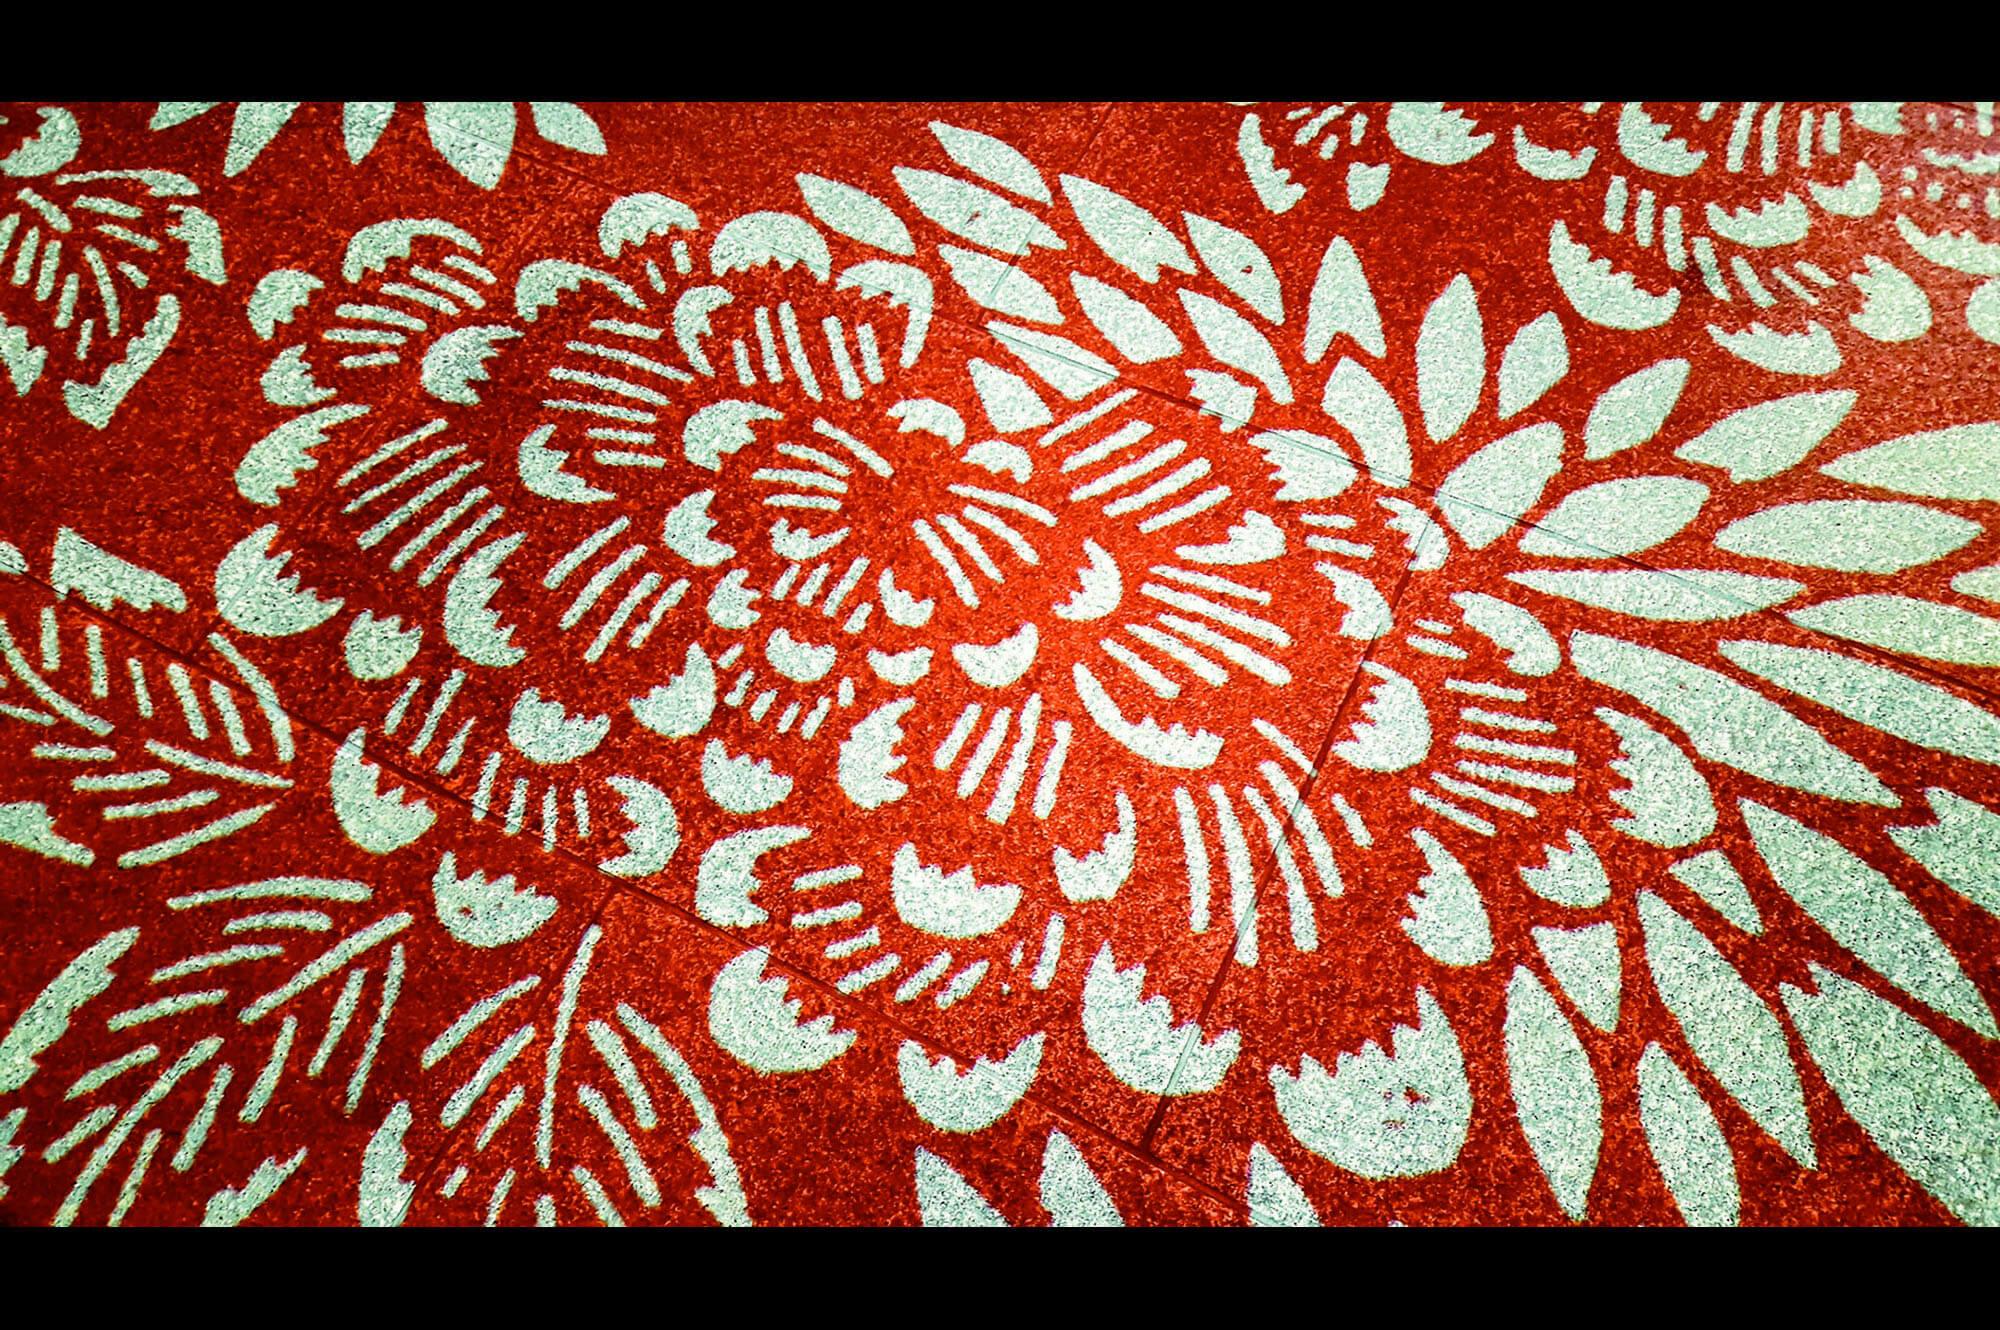 志村信裕 RED CARPET -Hamamatsu Version- 現代美術 Contemporary Art